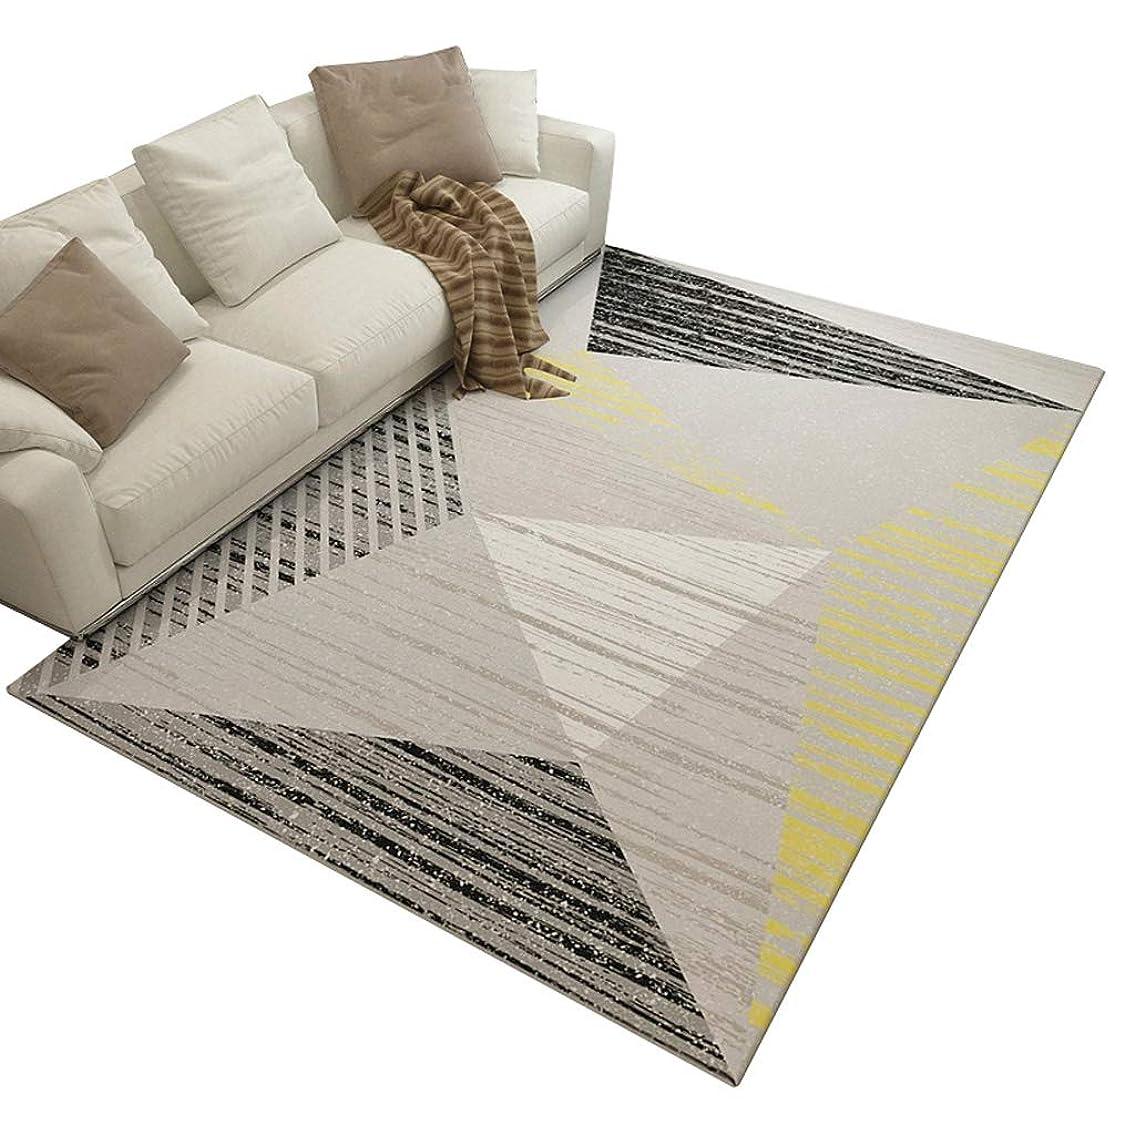 ジャンク意志低下北欧シンプルな幾何学的なカーペット折りたたみソファコーヒーテーブル大型カーペット長方形の柔らかい寝室のベッドサイドの毛布 (色 : ブラック, サイズ さいず : 180cm×280cm)